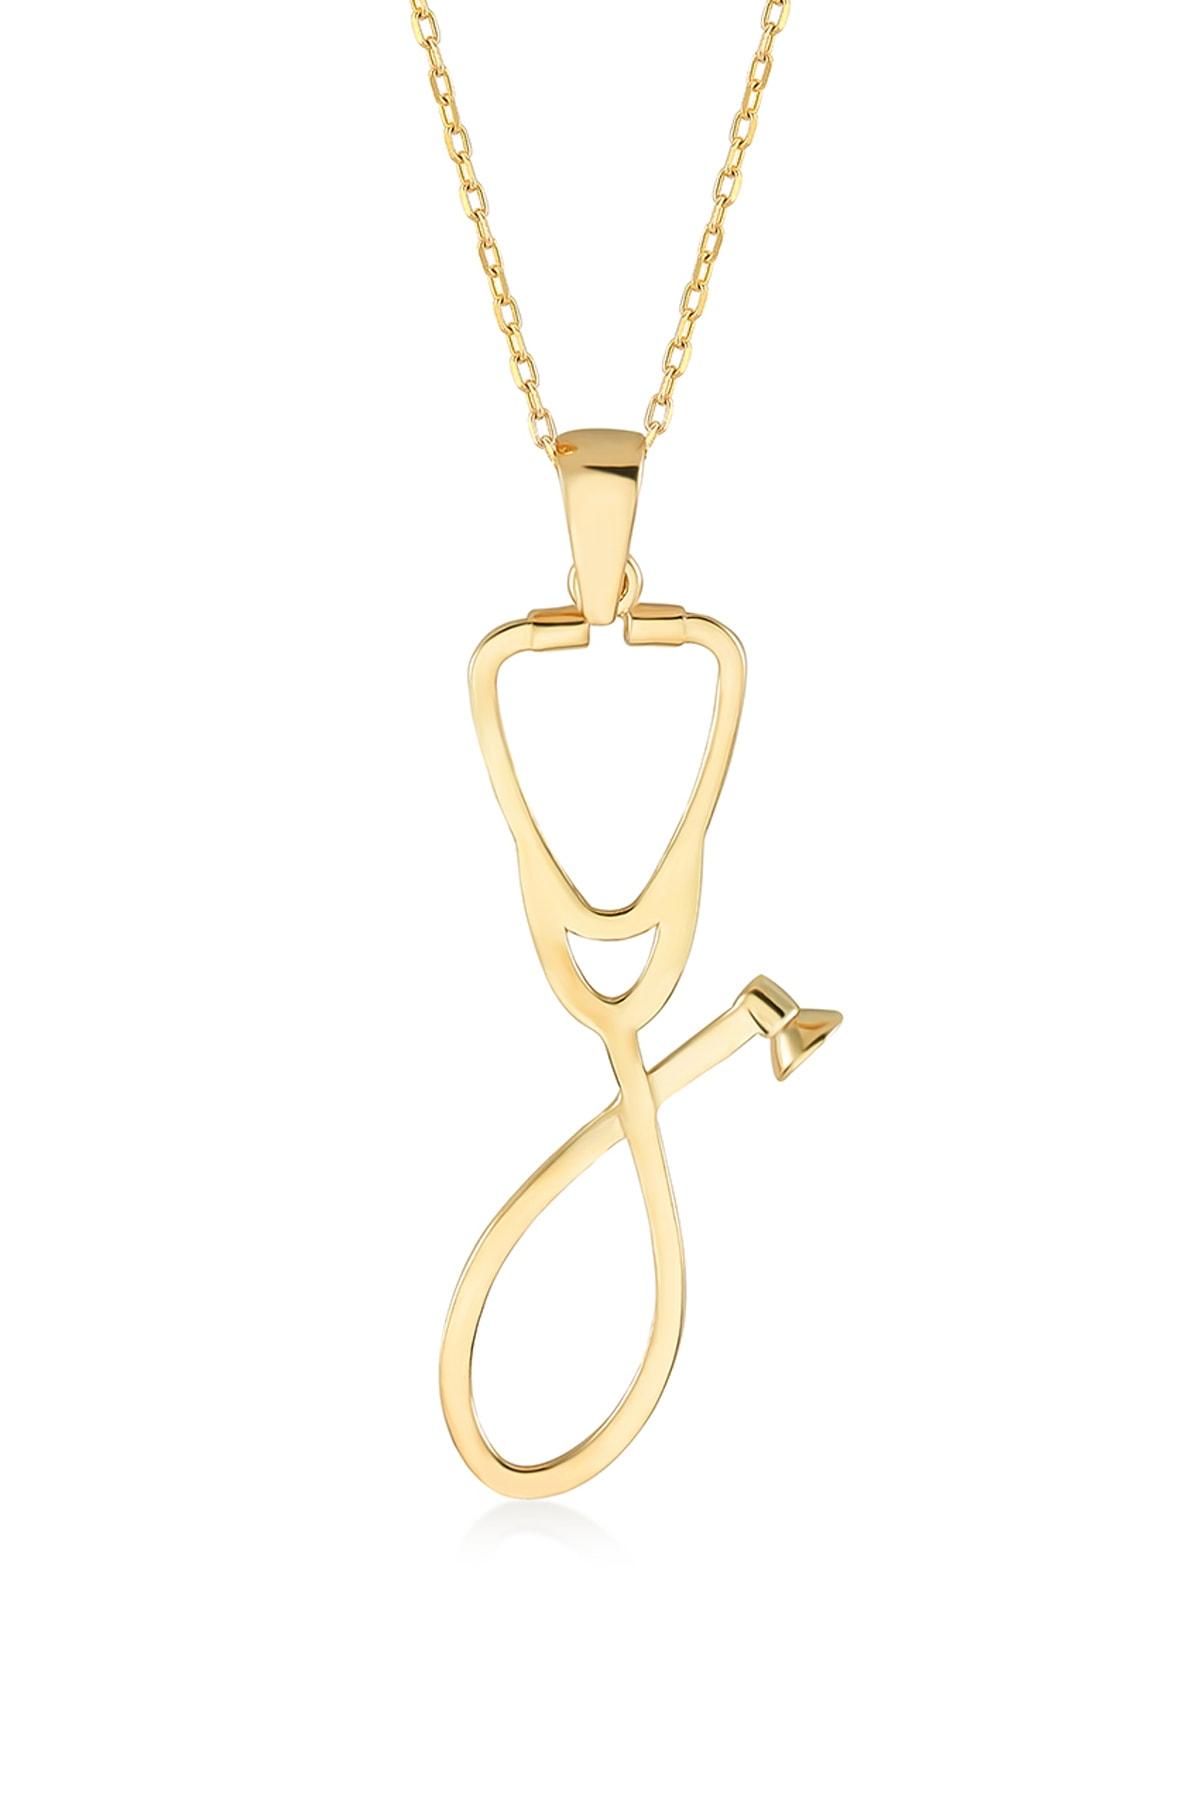 Gelin Pırlanta Kadın Altın Gelin Diamond 14 Ayar Pırlantalı Steteskop Kolye 1